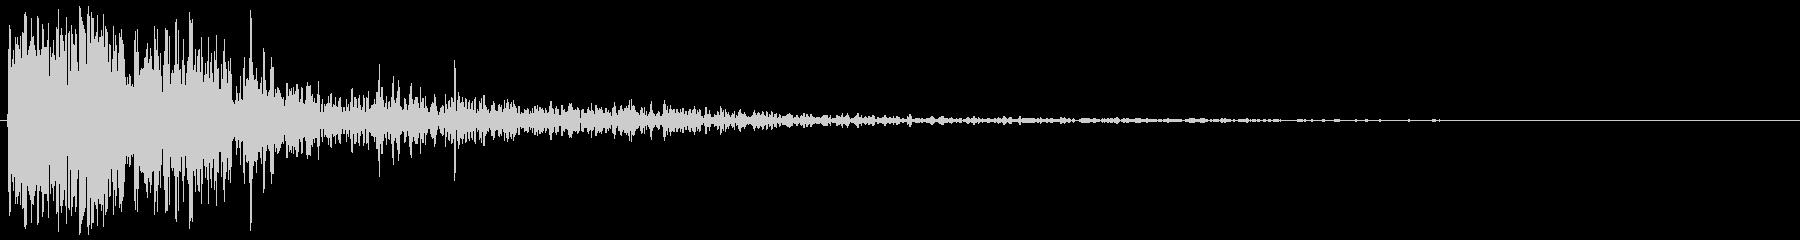 緩いプレキシグラス:激しい衝撃プラ...の未再生の波形